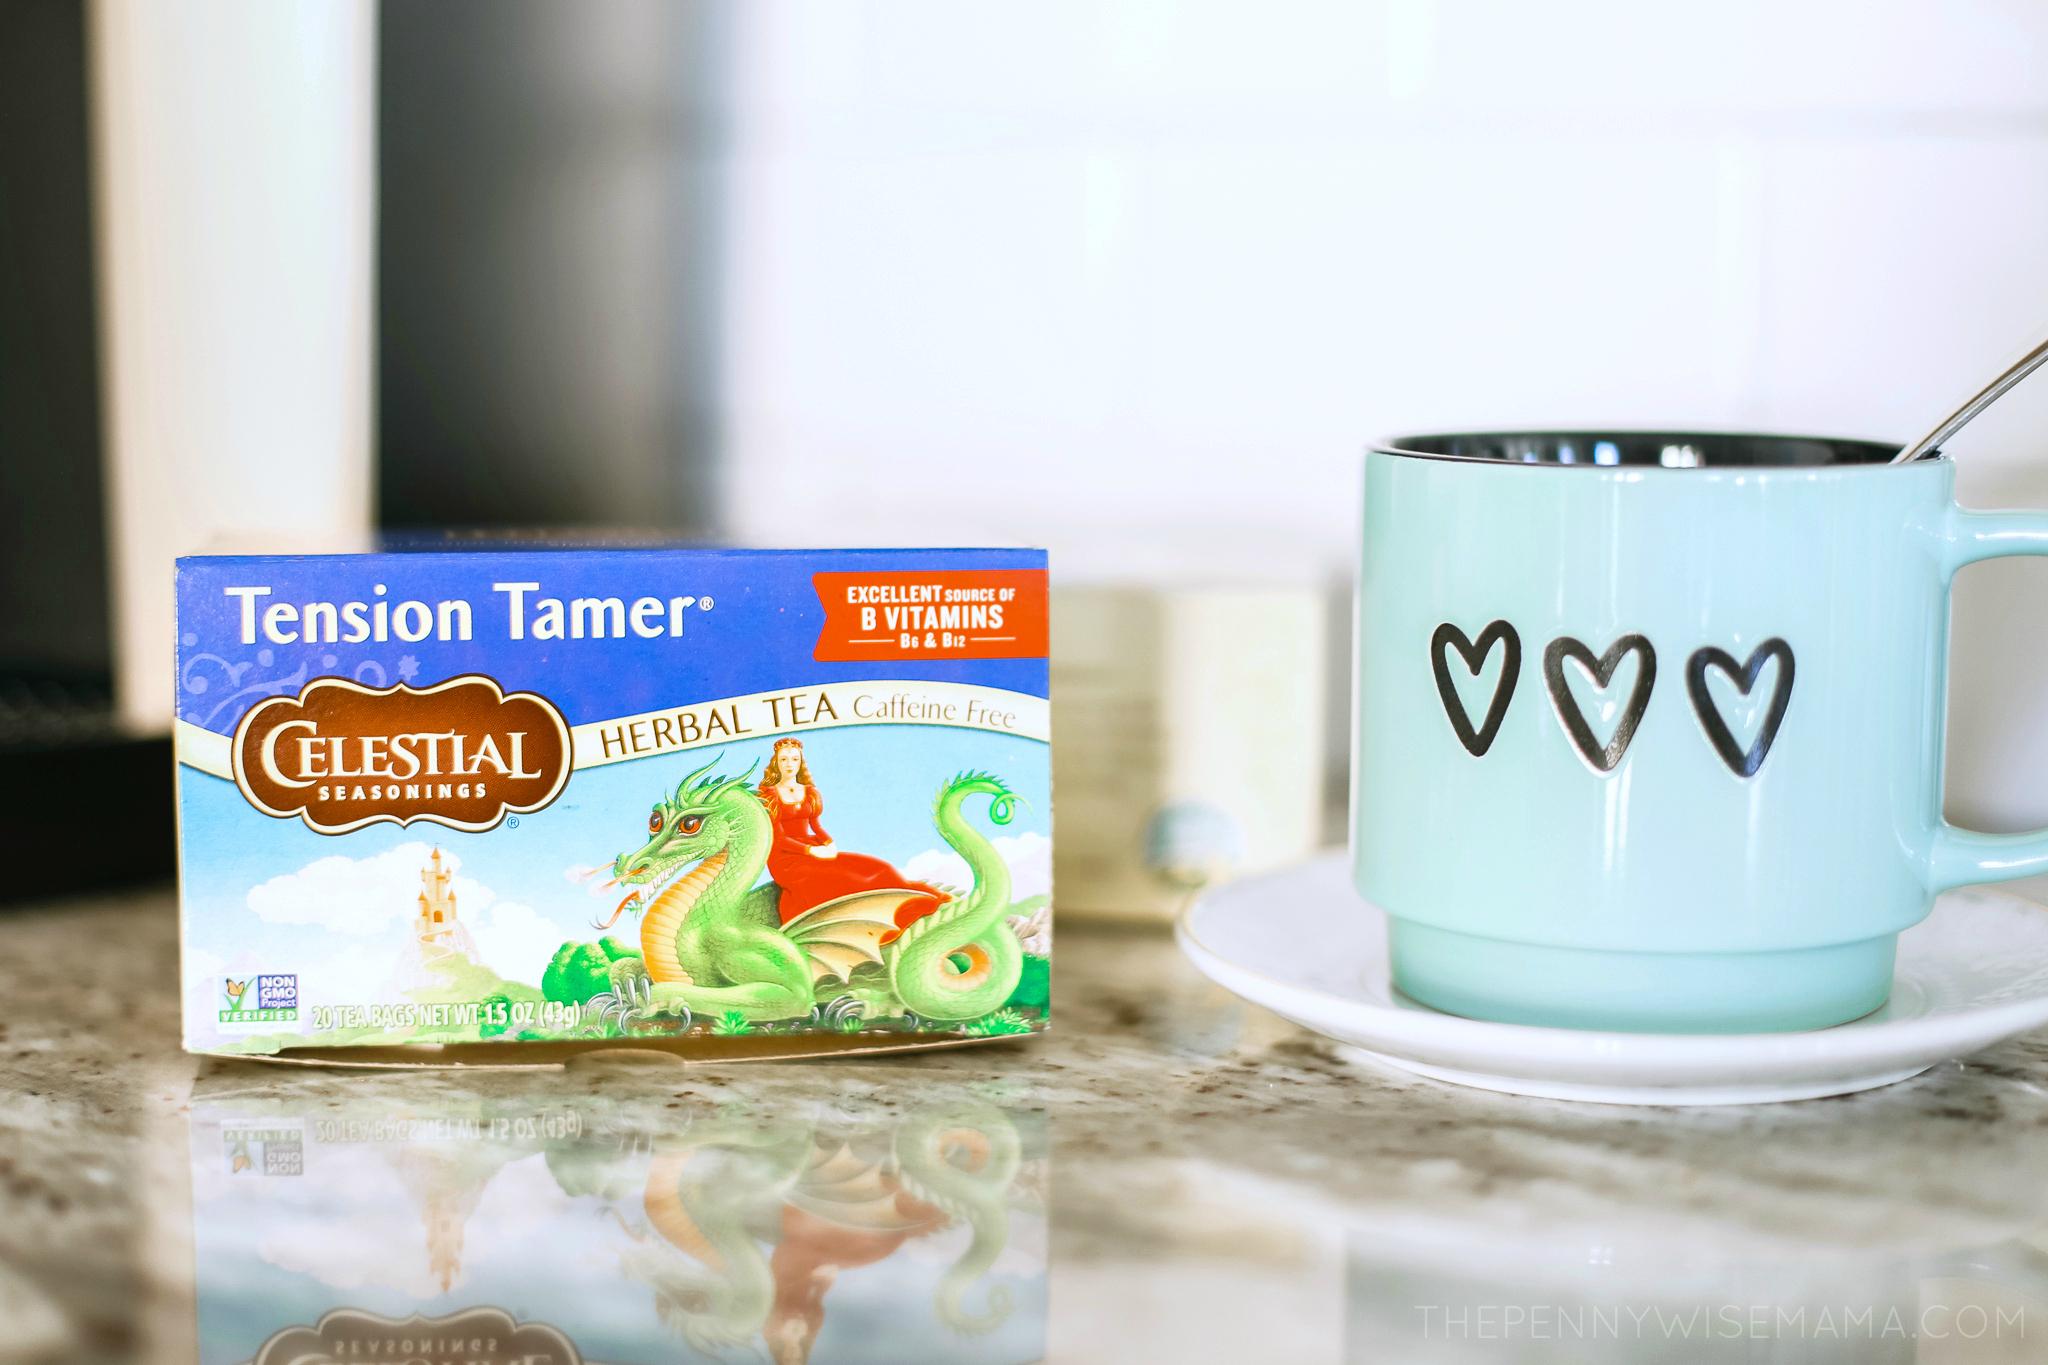 Celestial Seasonings Tension Tamer Herbal Tea